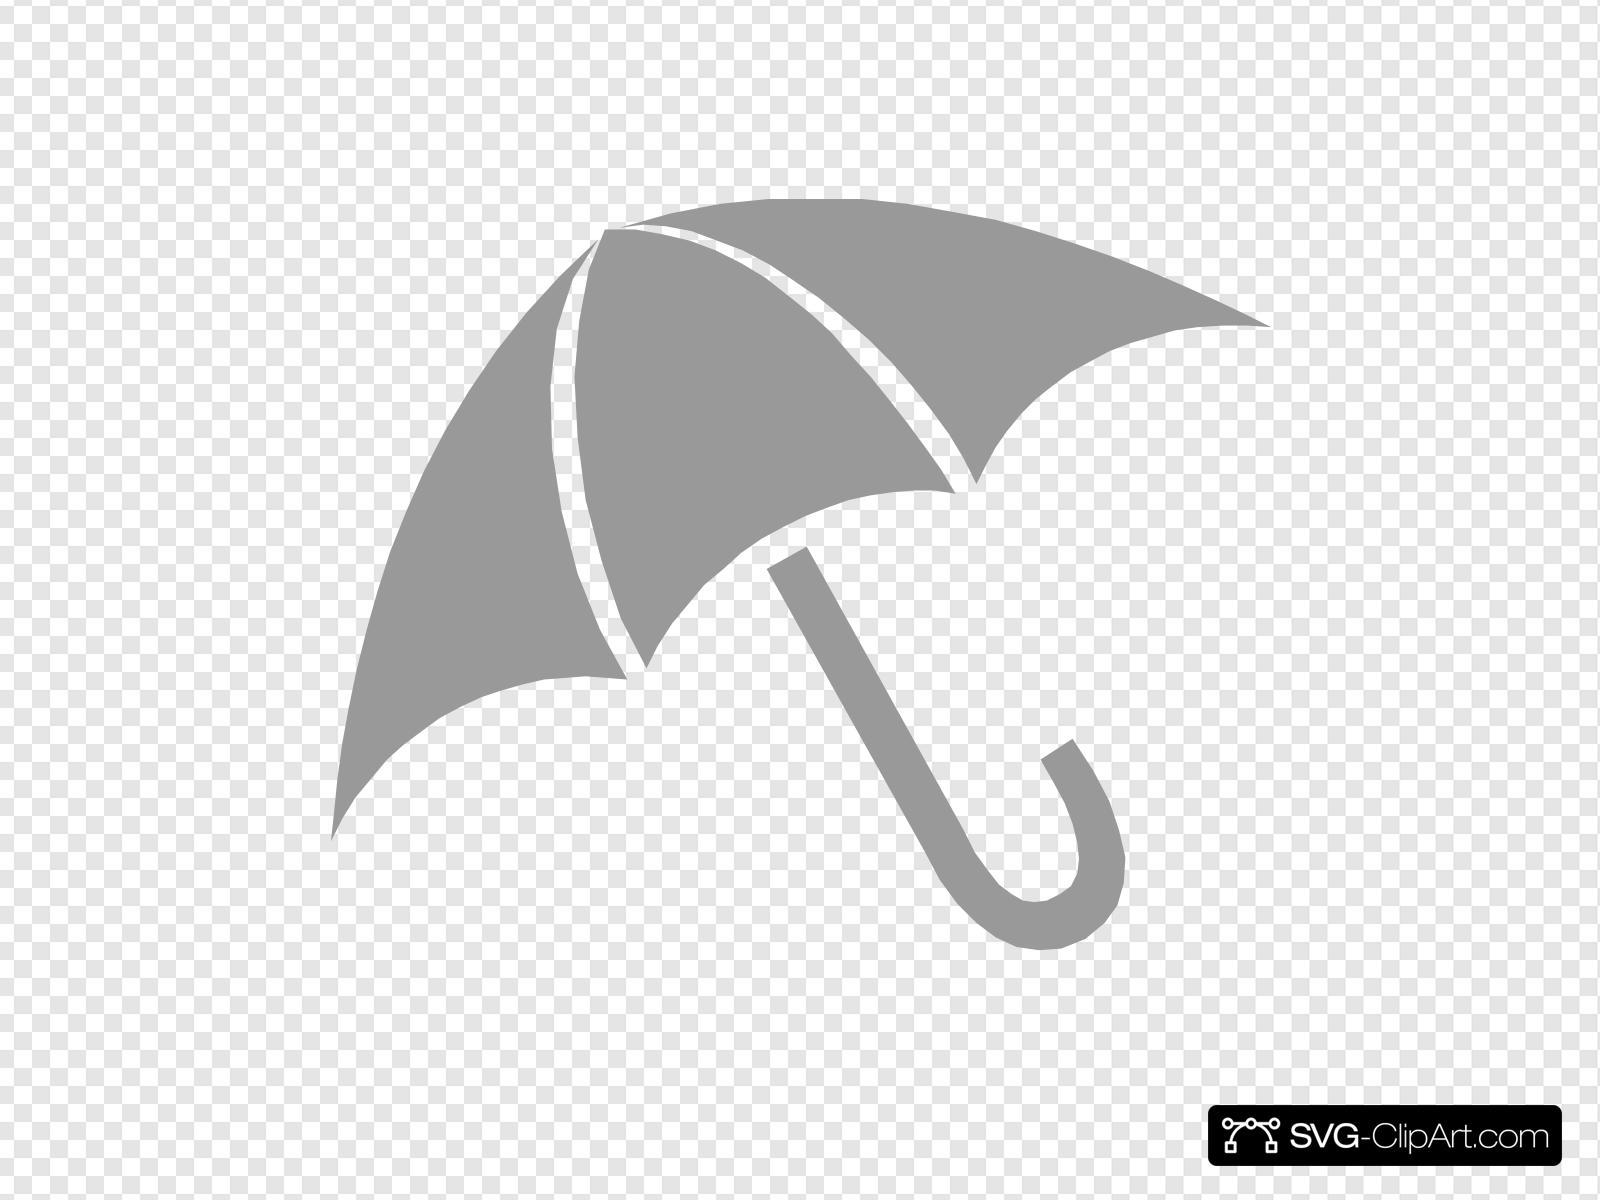 Clipart umbrella gray. Clip art icon and